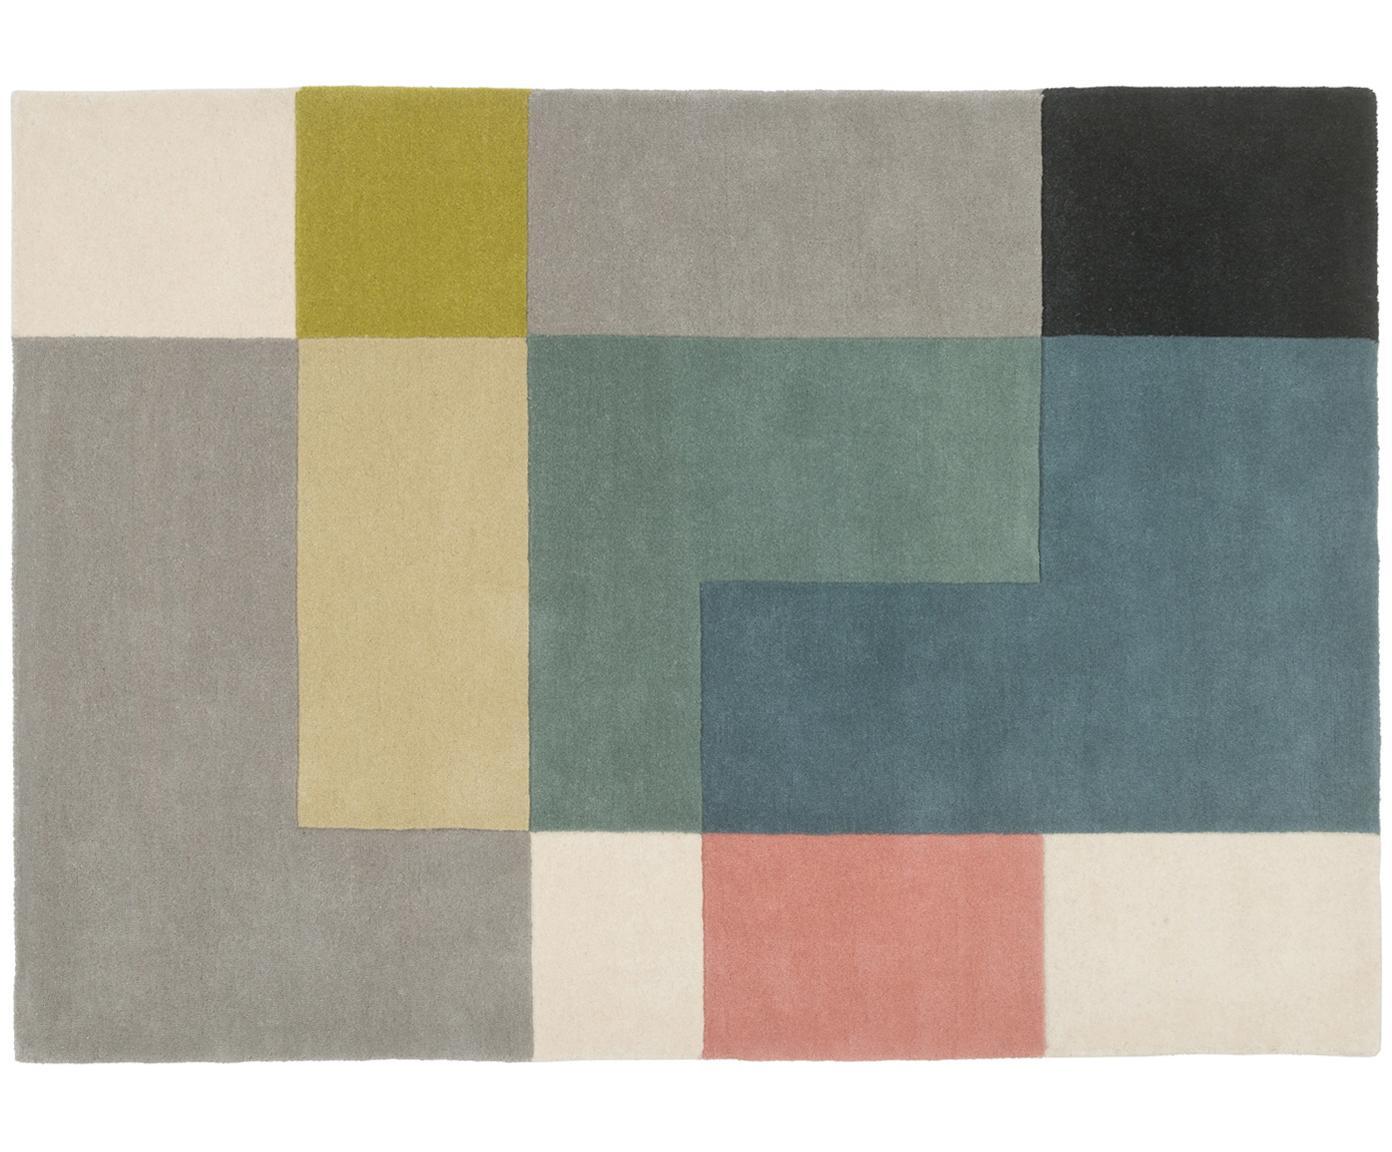 Designteppich Ometri aus Wolle, handgetuftet, Mehrfarbig, B 140 x L 200 cm (Größe S)